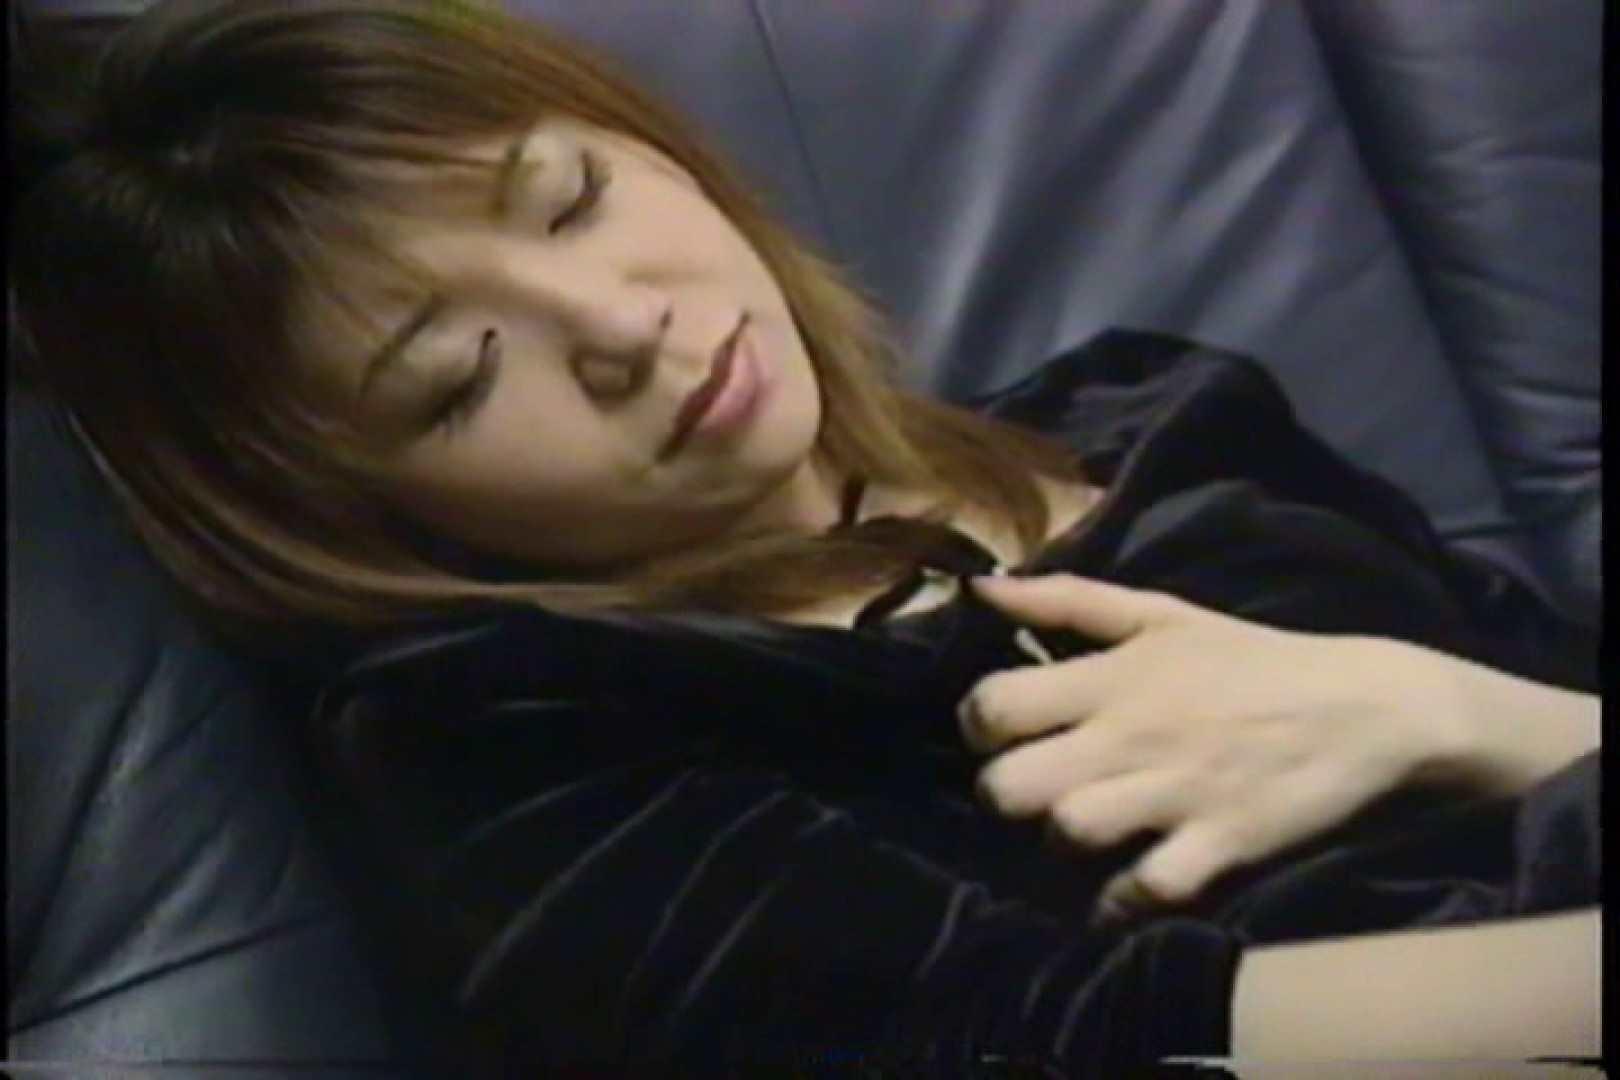 かわいい人妻、巨乳が疼いて止まらない~飯島れいか~ 巨乳な女性 SEX無修正画像 93枚 49